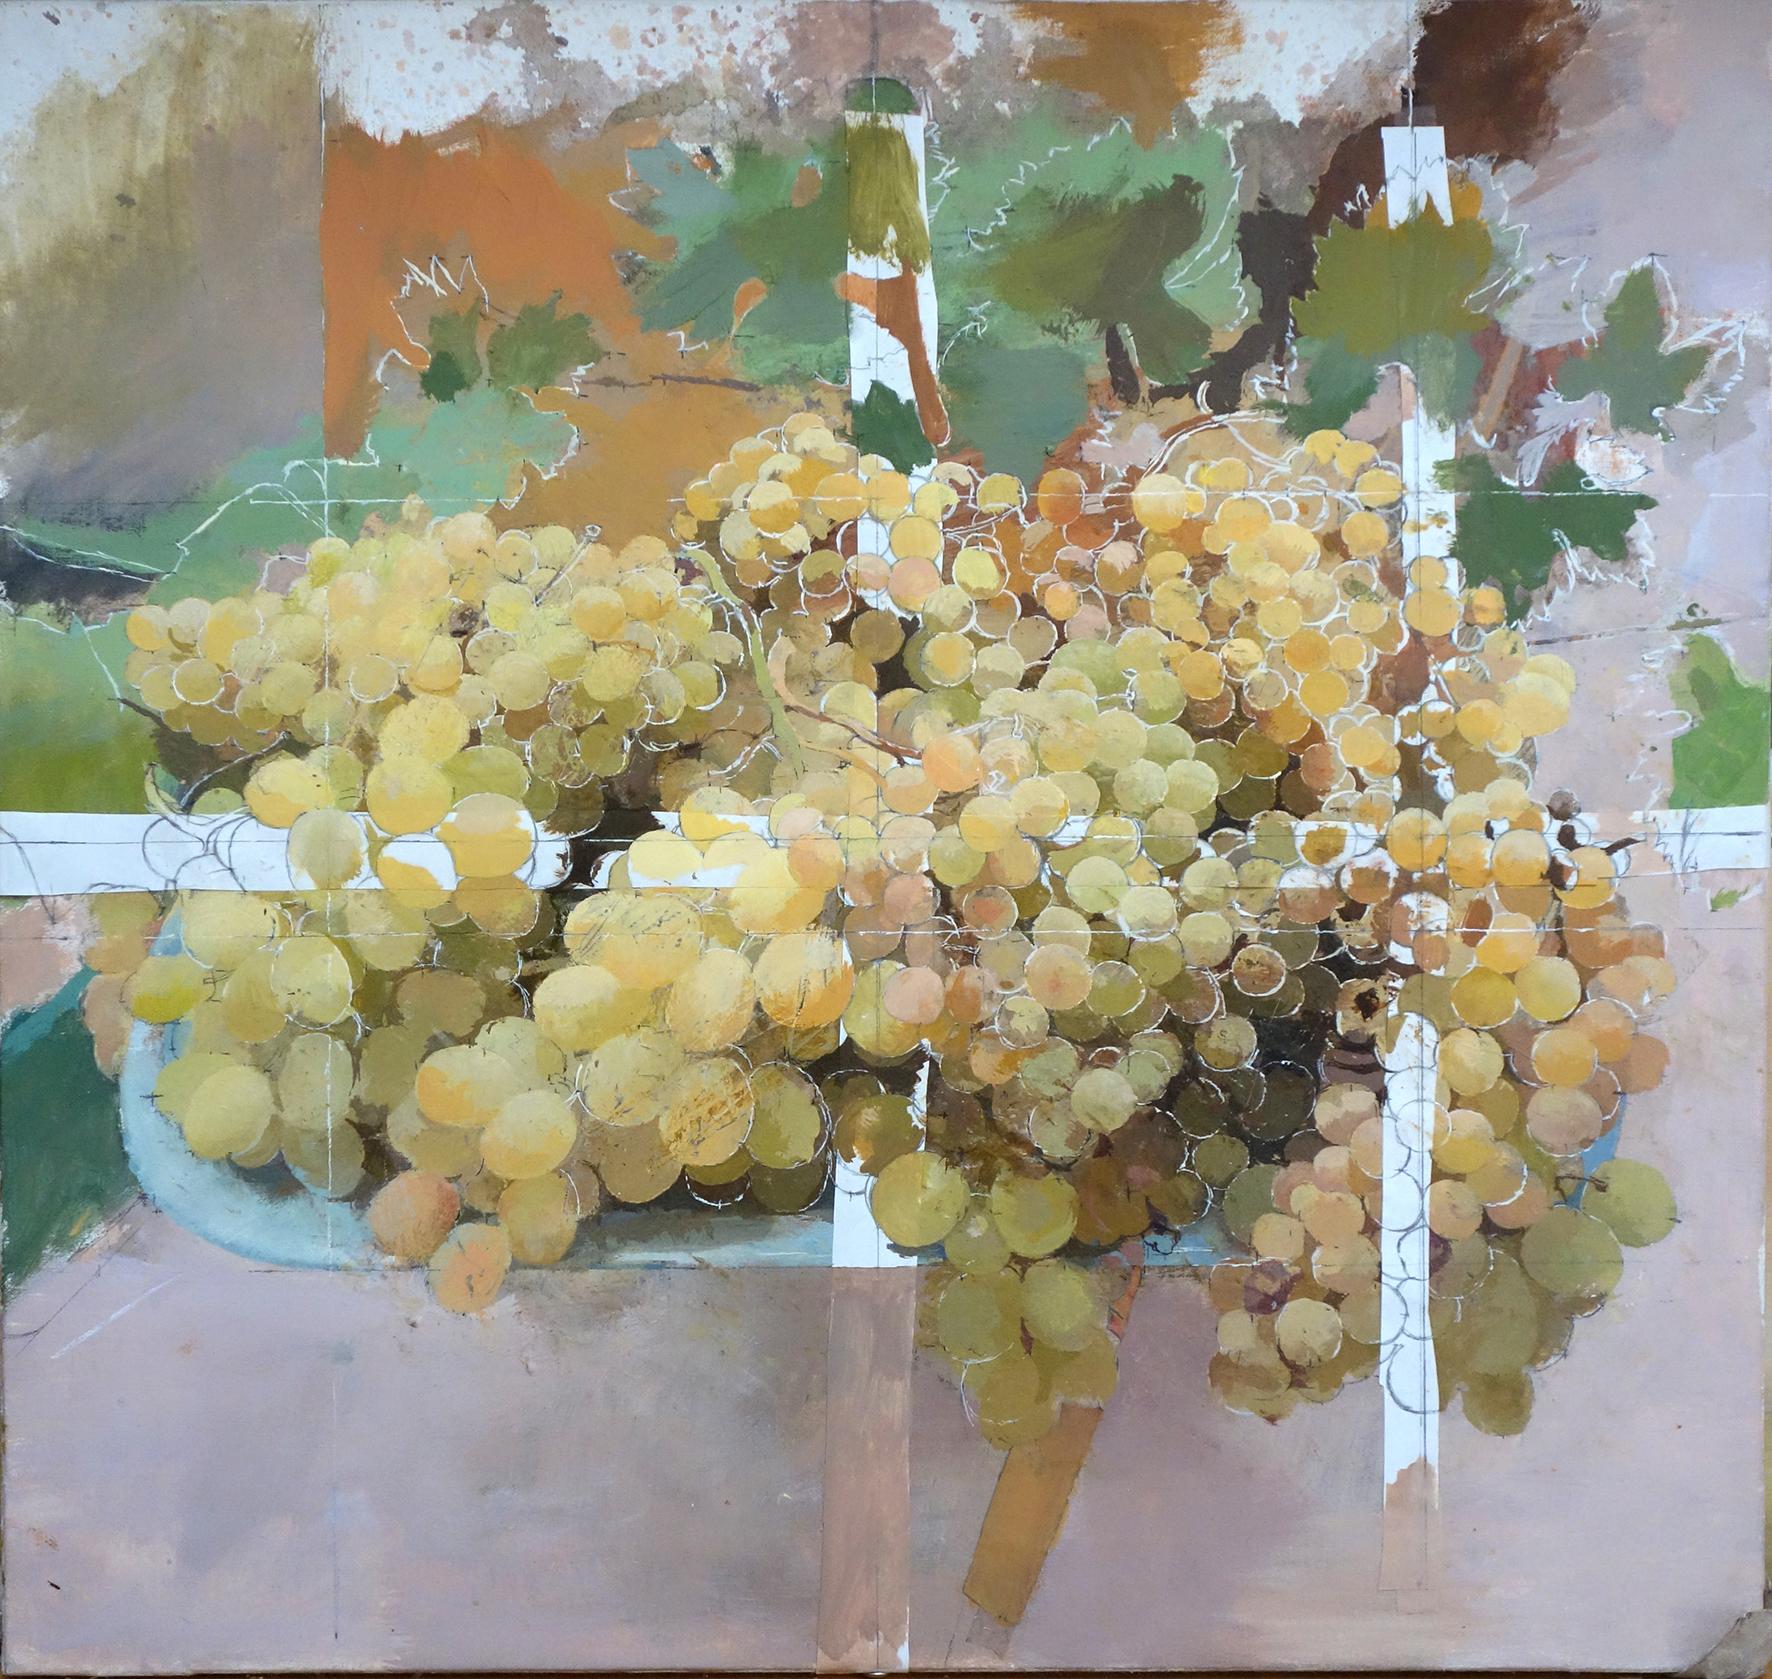 Antonio López, Uvas doradas 1, 2017,